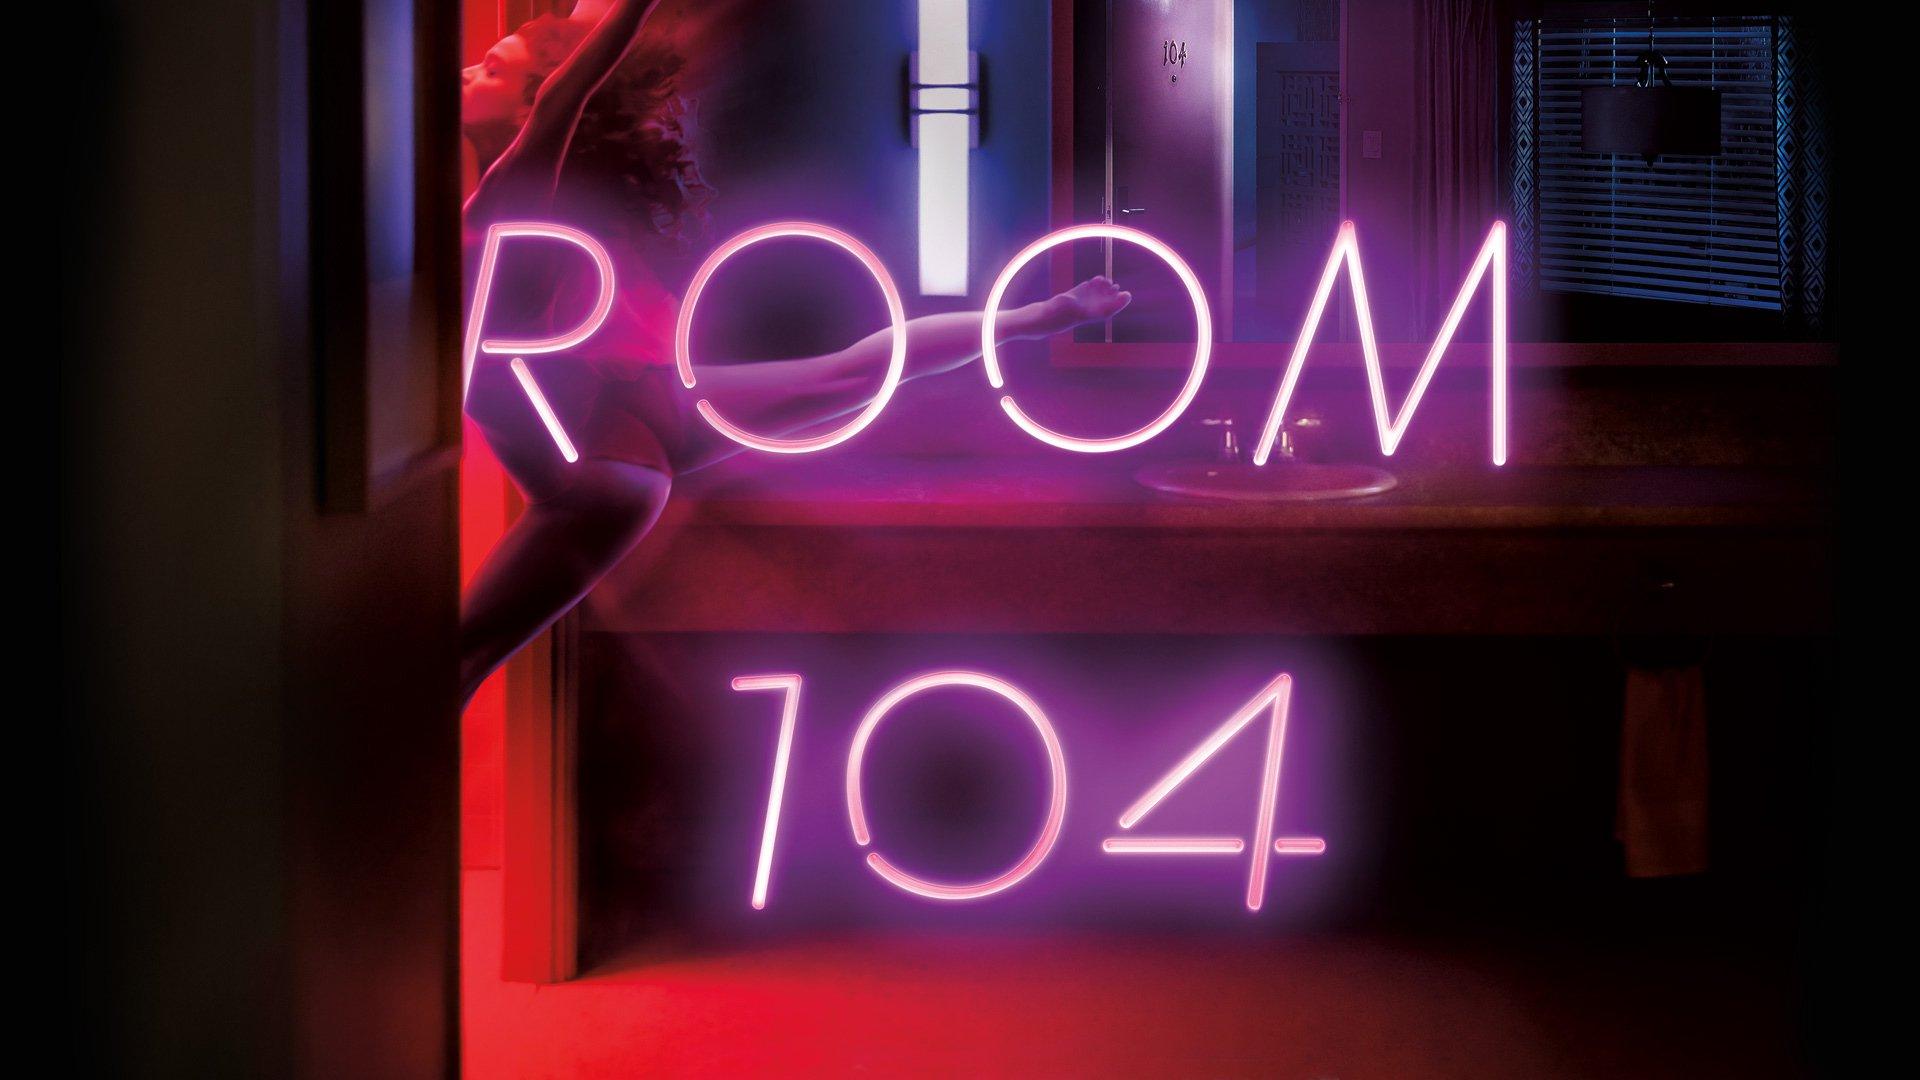 Vierde en laatste seizoen Room 104 gaat eind juli in première bij HBO